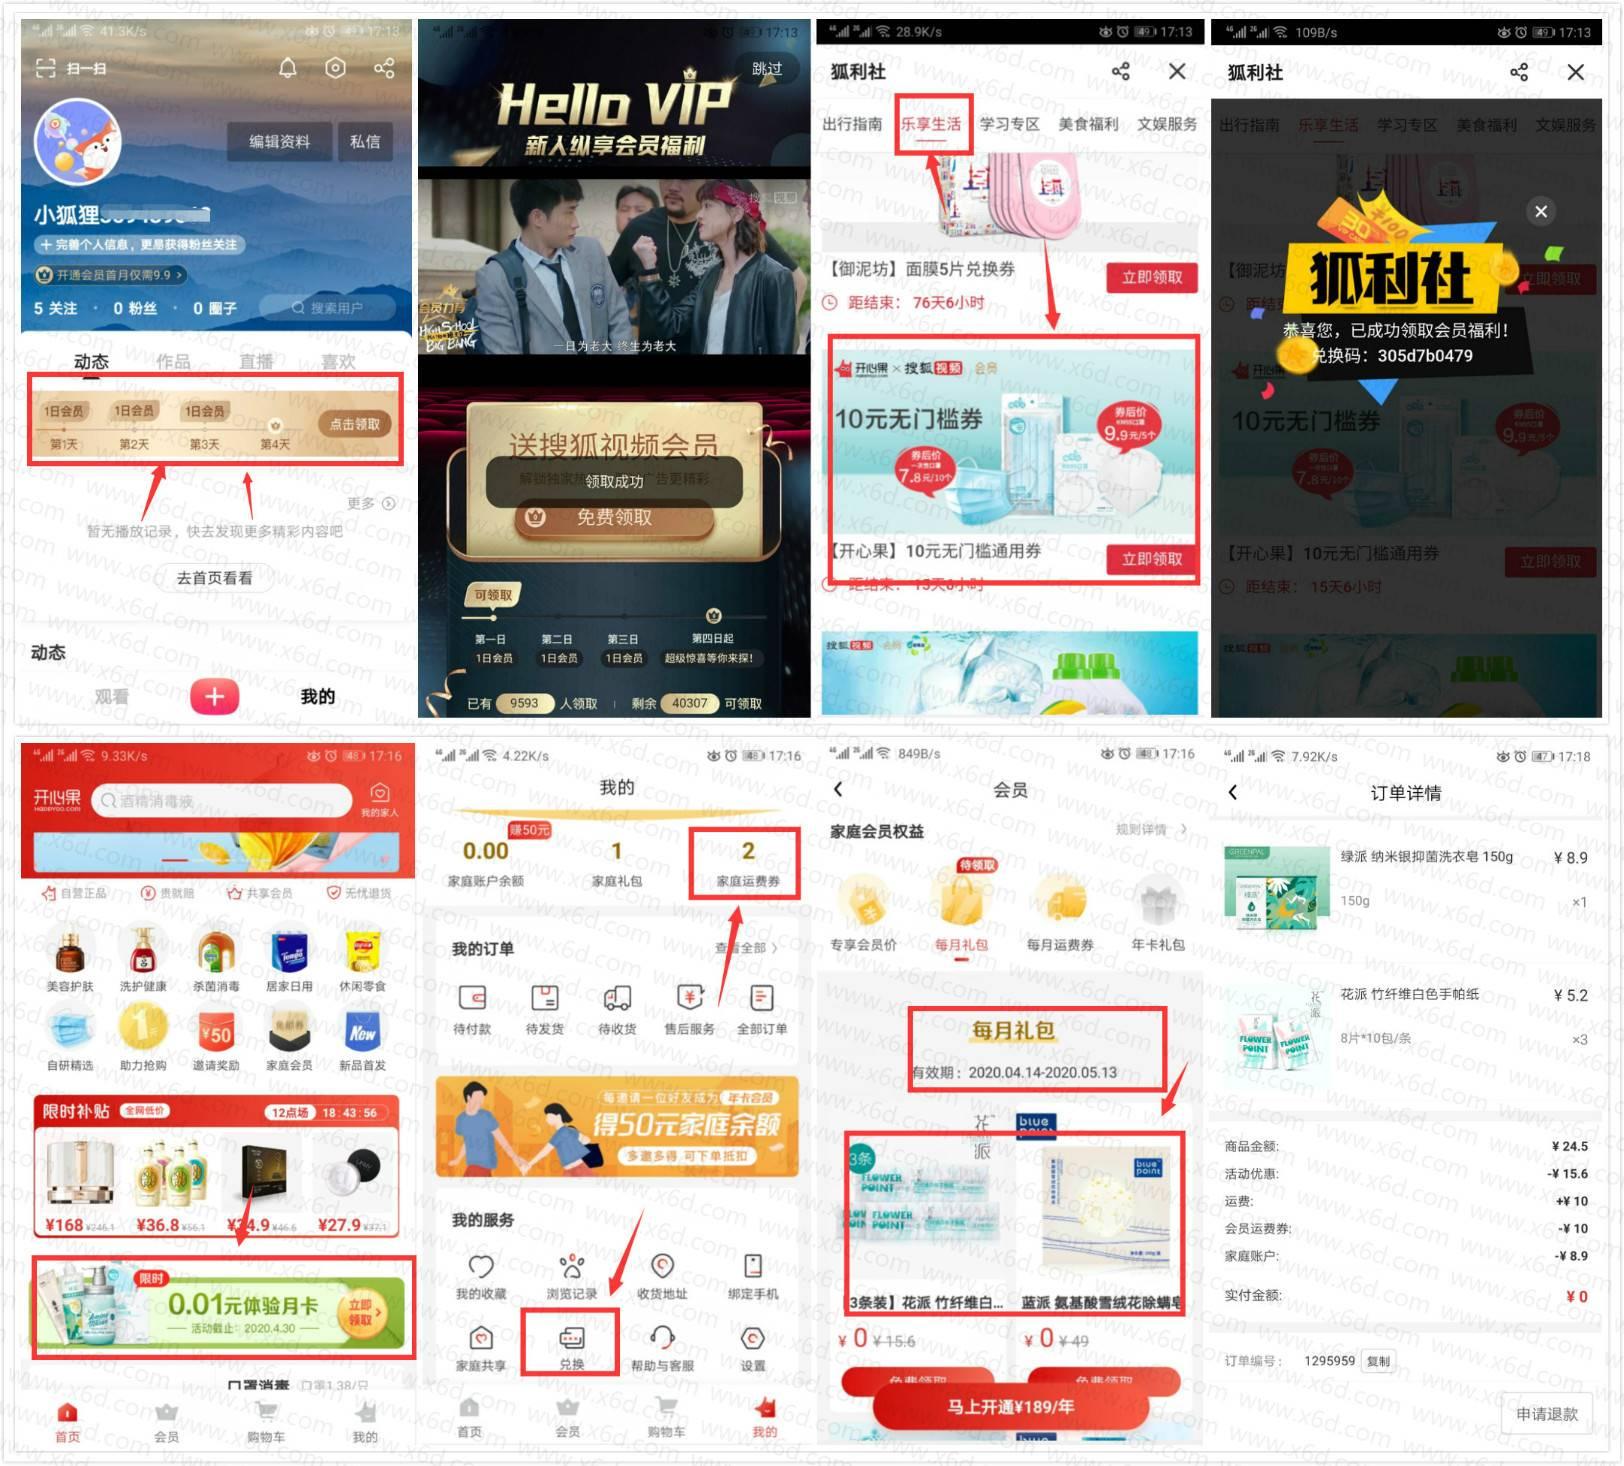 搜狐视频会员0.01撸实物包邮